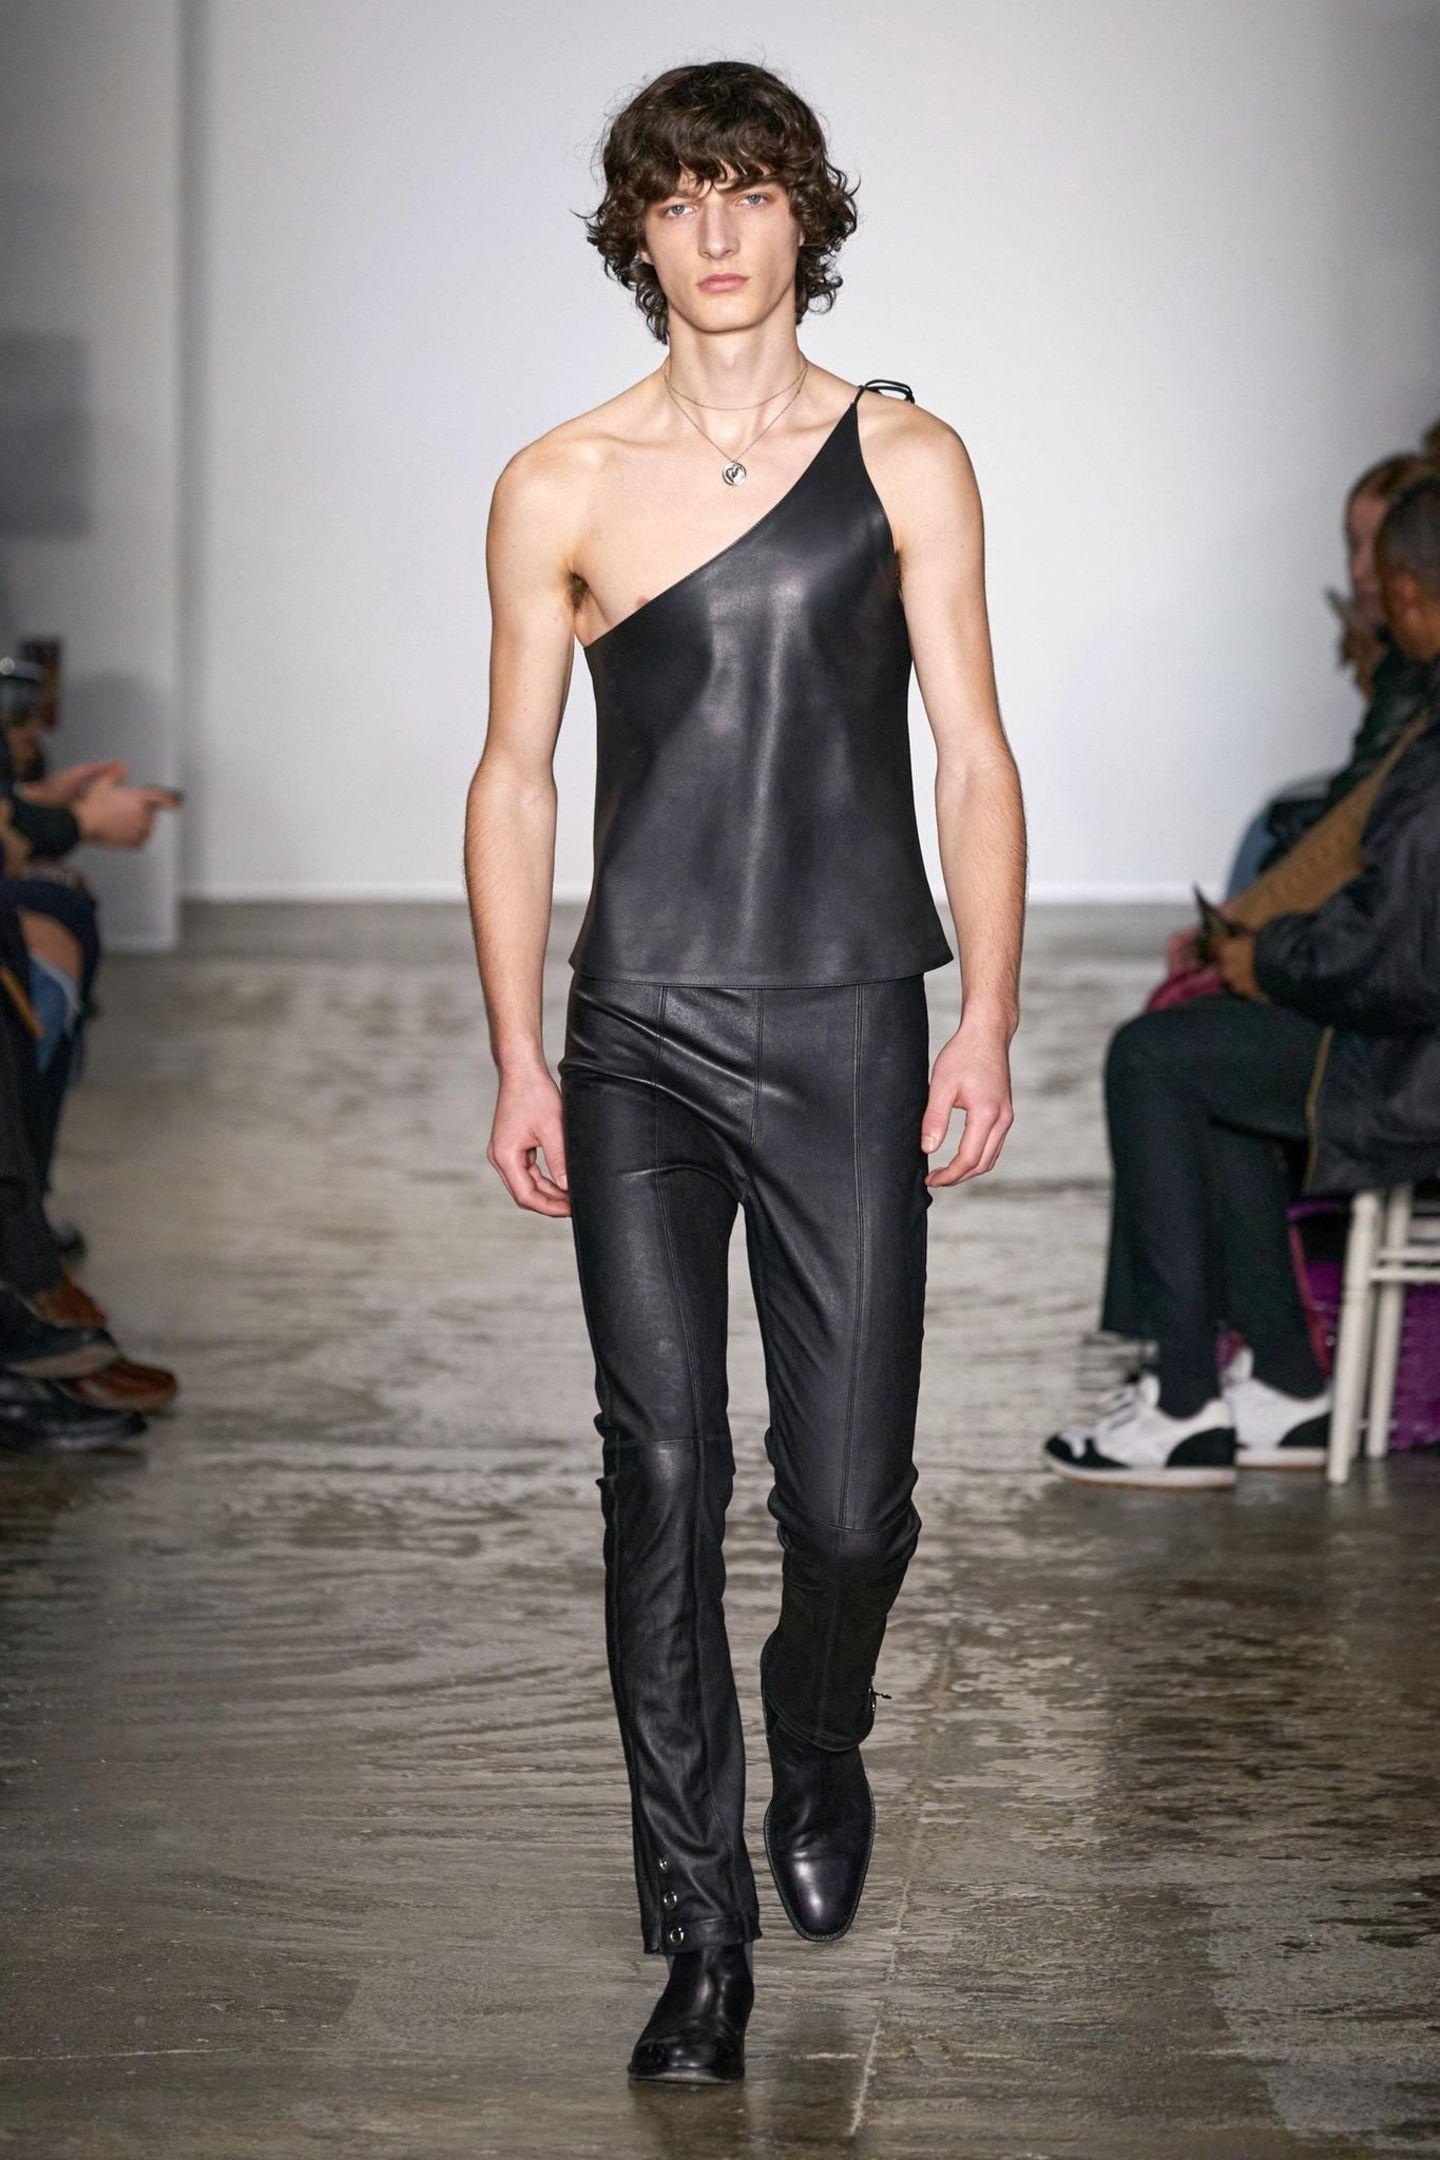 Das gilt nicht nur für die weiblichen Designs, sondern auch für die männlichen Looks, wie hier ein asymmetrisches Top aus Leder.